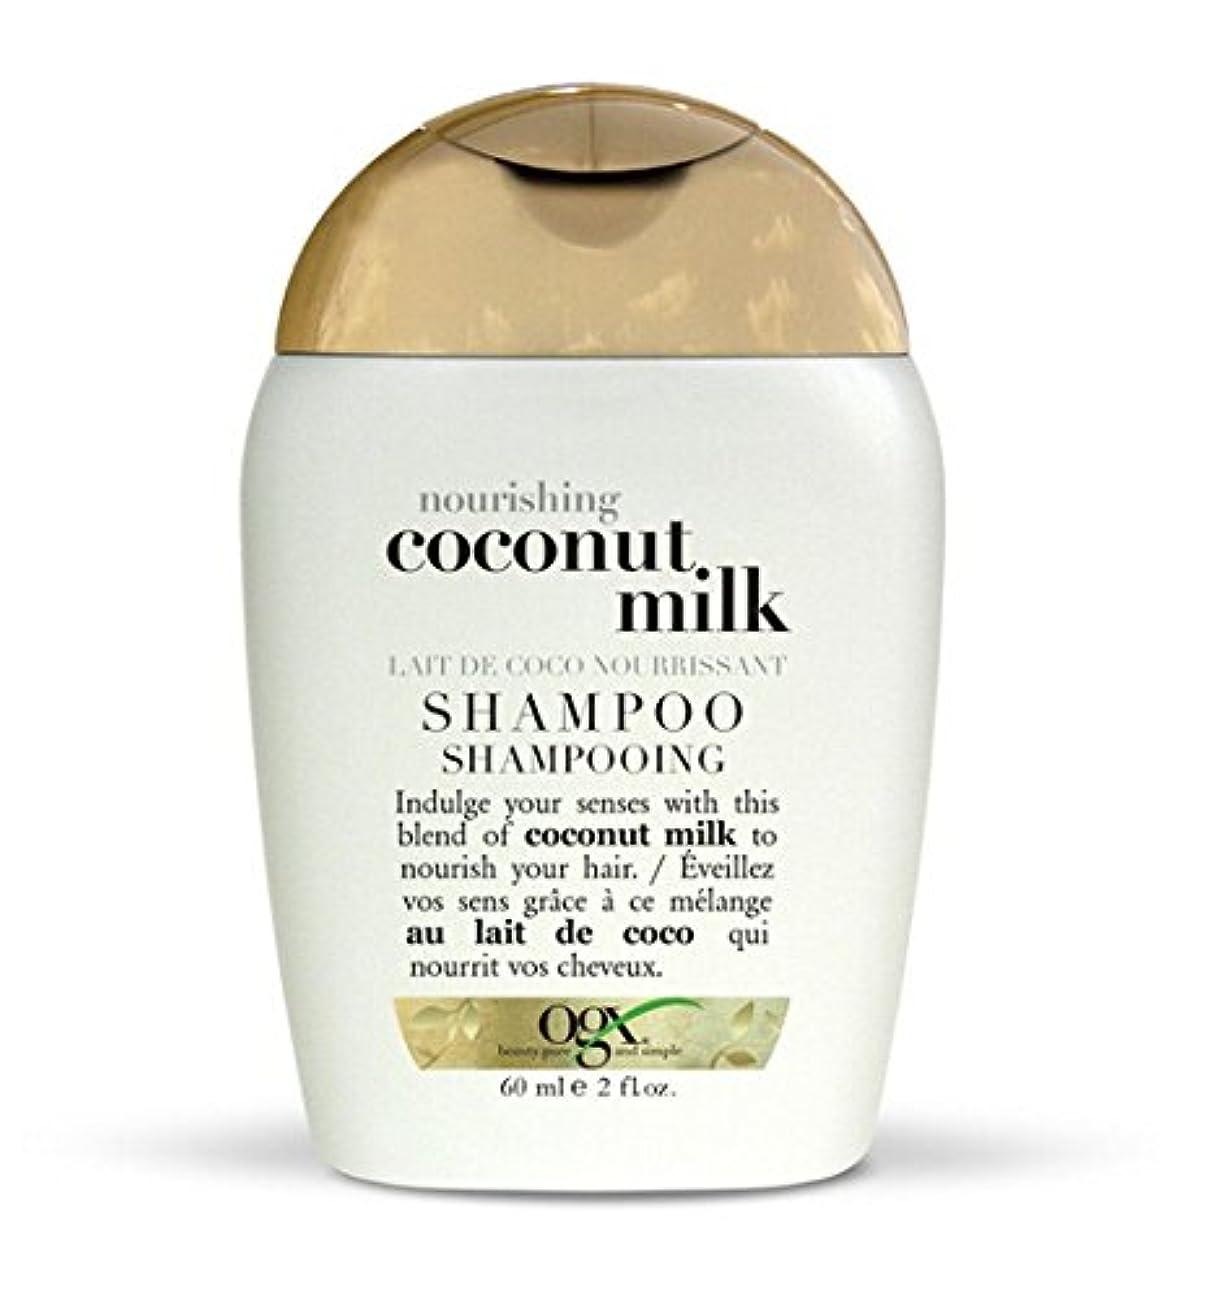 予見する百のためVogue ヴォーグ オーガニクス 髪いきいきココナッツミルク 自然派ヘアケア シャンプー 60ml coconut milk shampoo [並行輸入品]